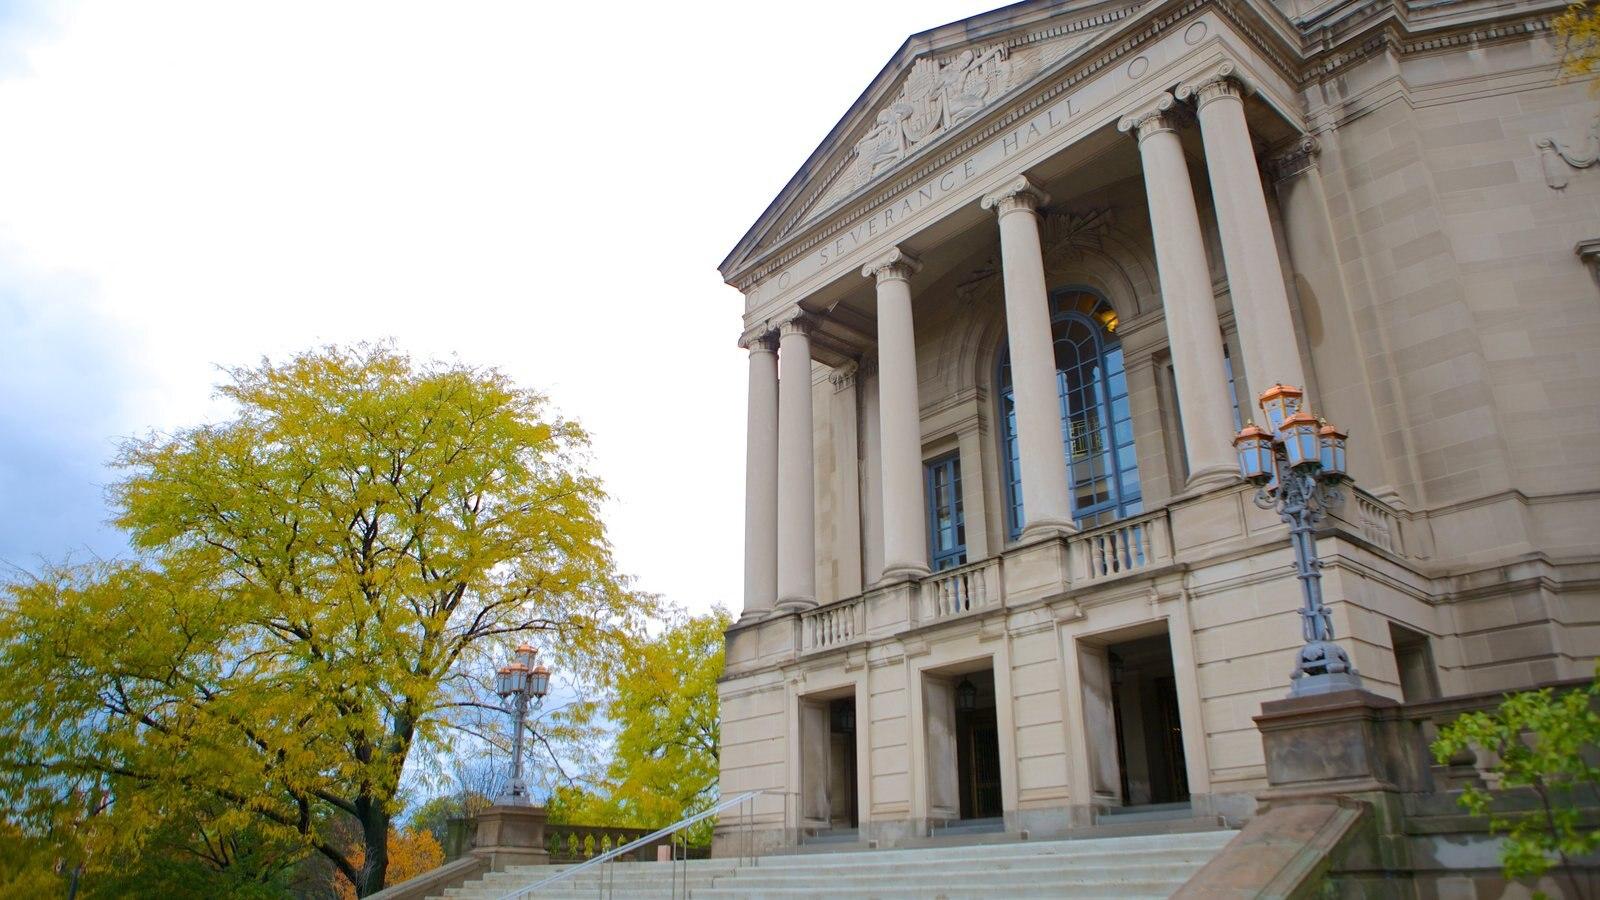 Severance Hall que inclui um edifício administrativo e arquitetura de patrimônio